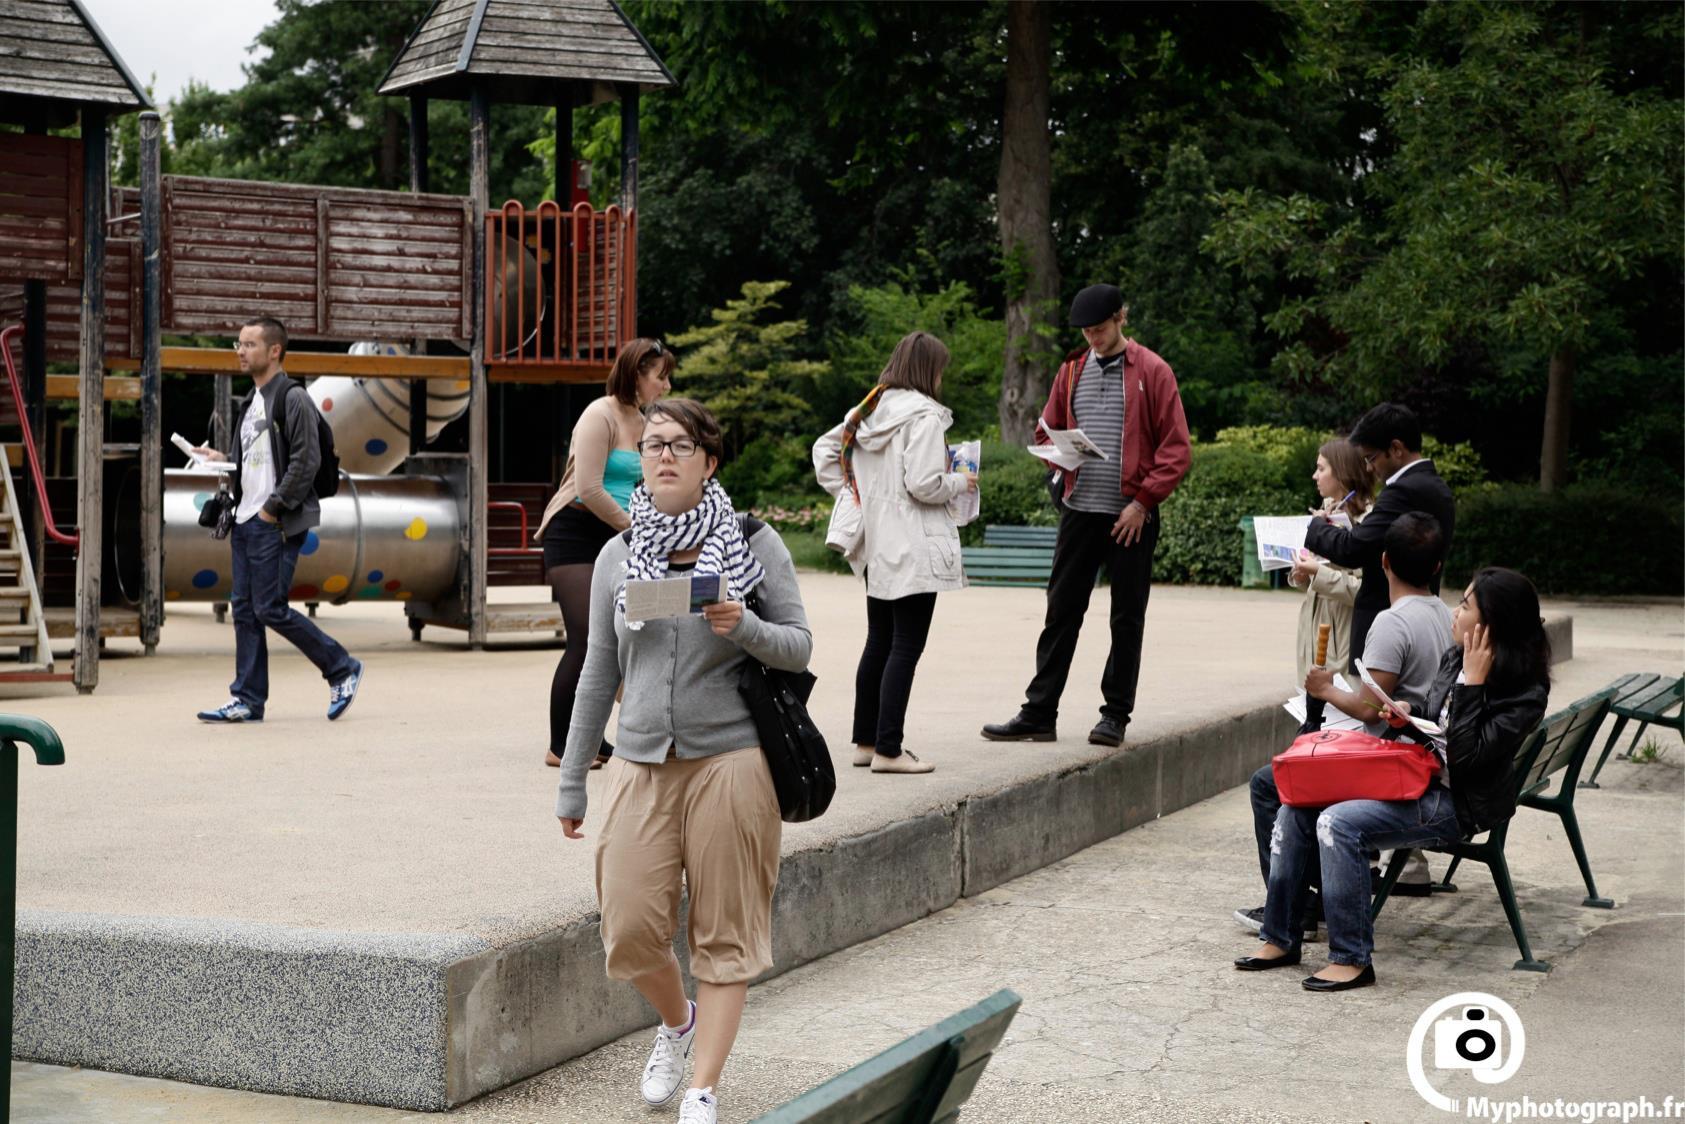 Caca aos tesouros em Paris - Um jogo para desvendar a cidade